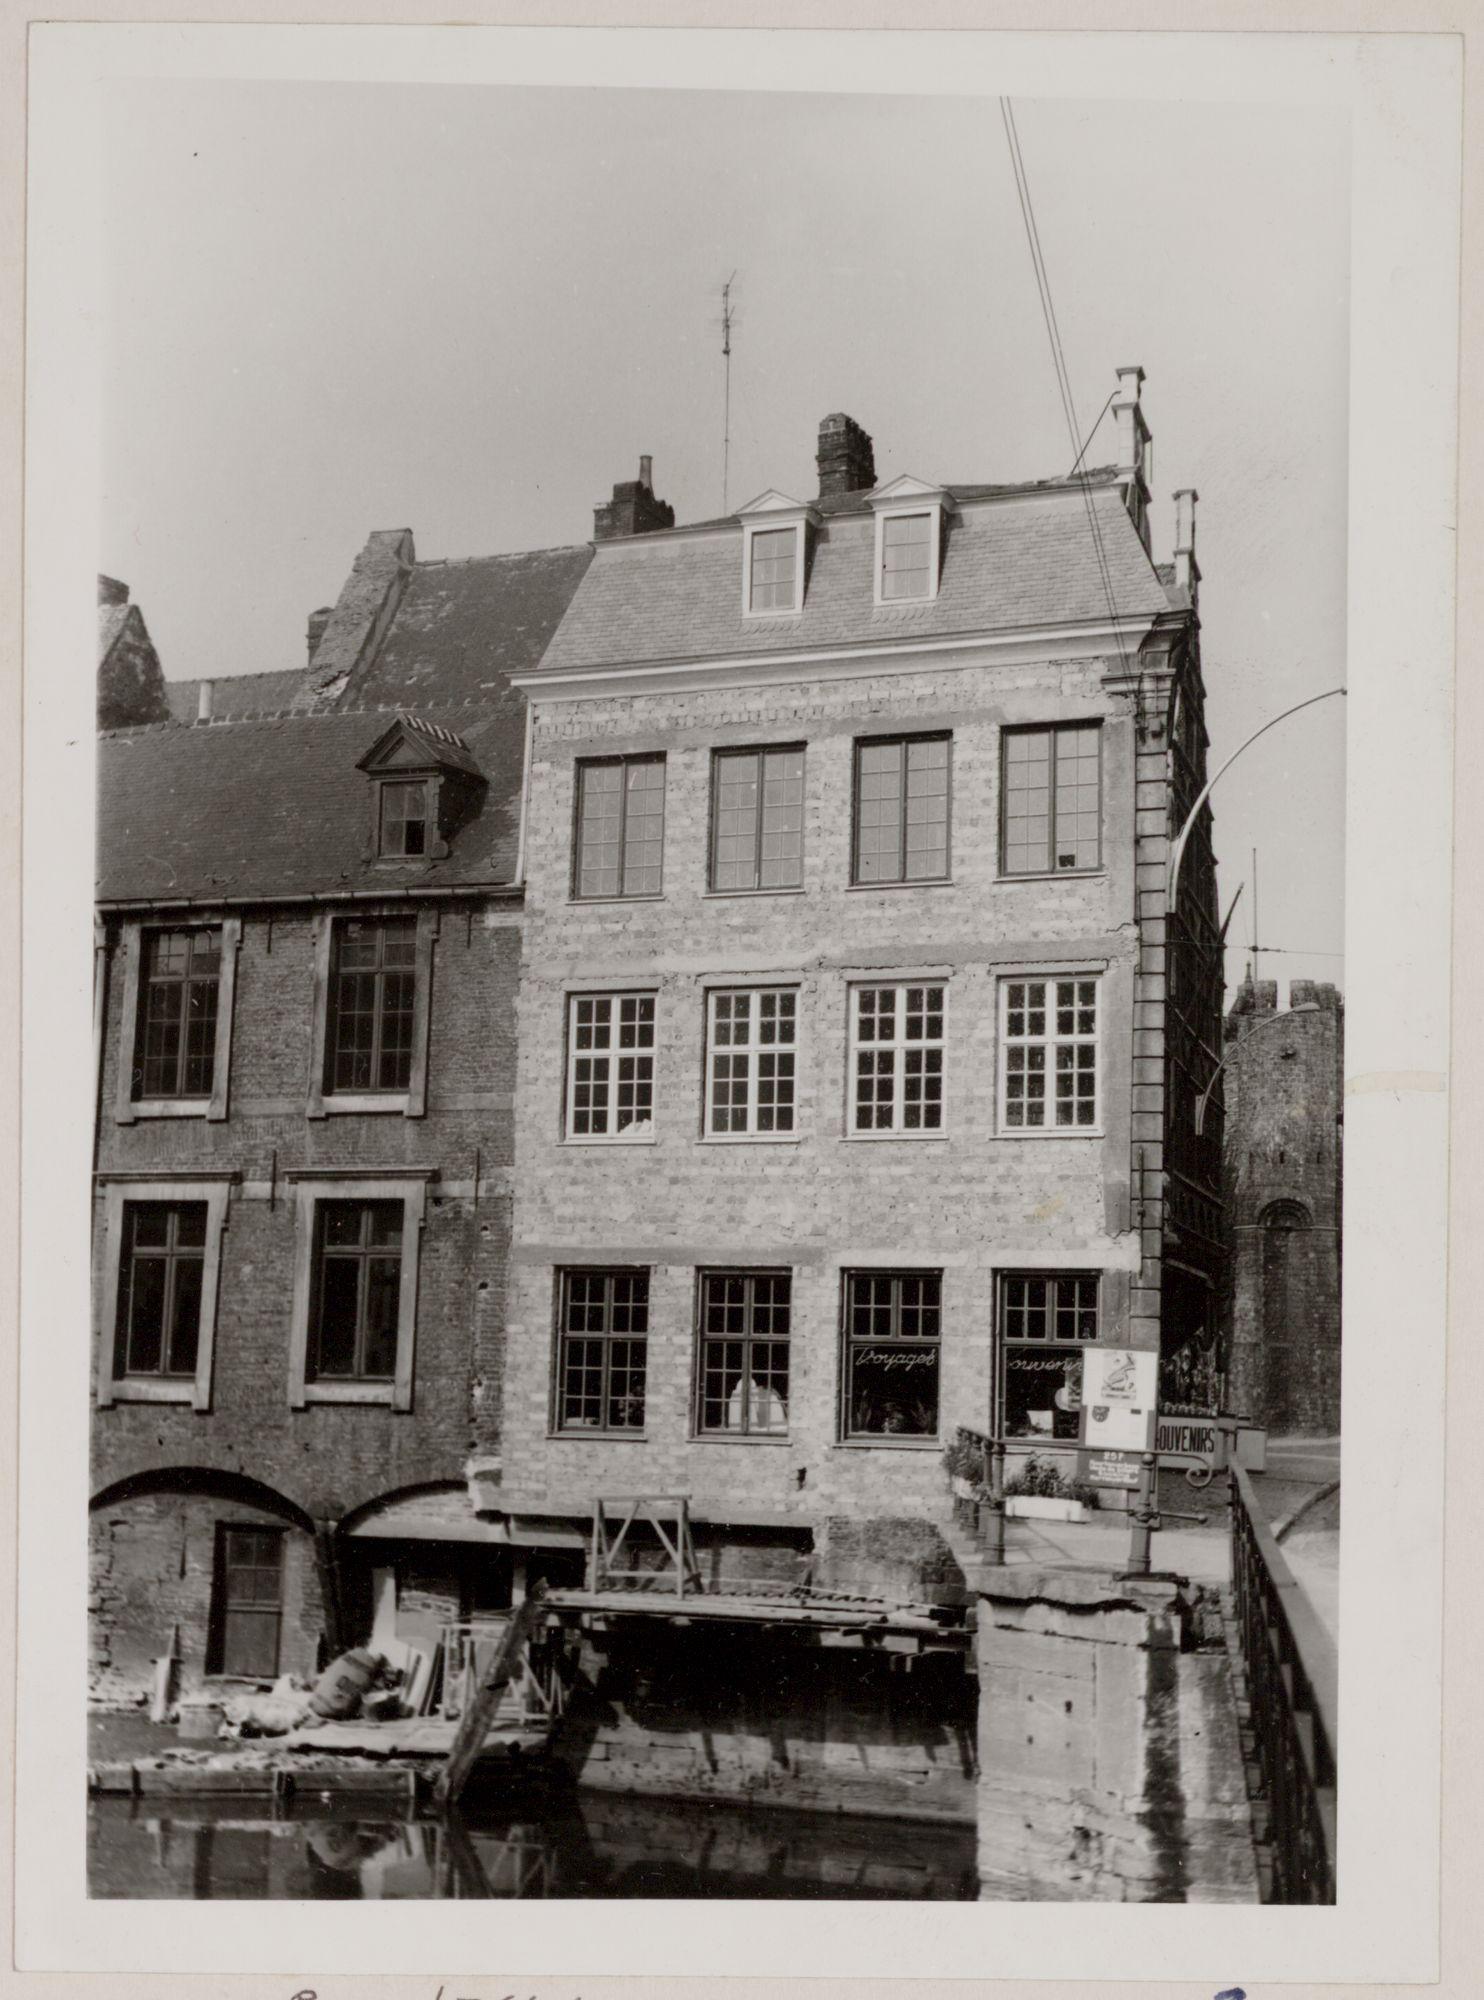 Gent: Leie en achtergevels van huizen hoek Groentenmarkt en Vleeshuisbrug